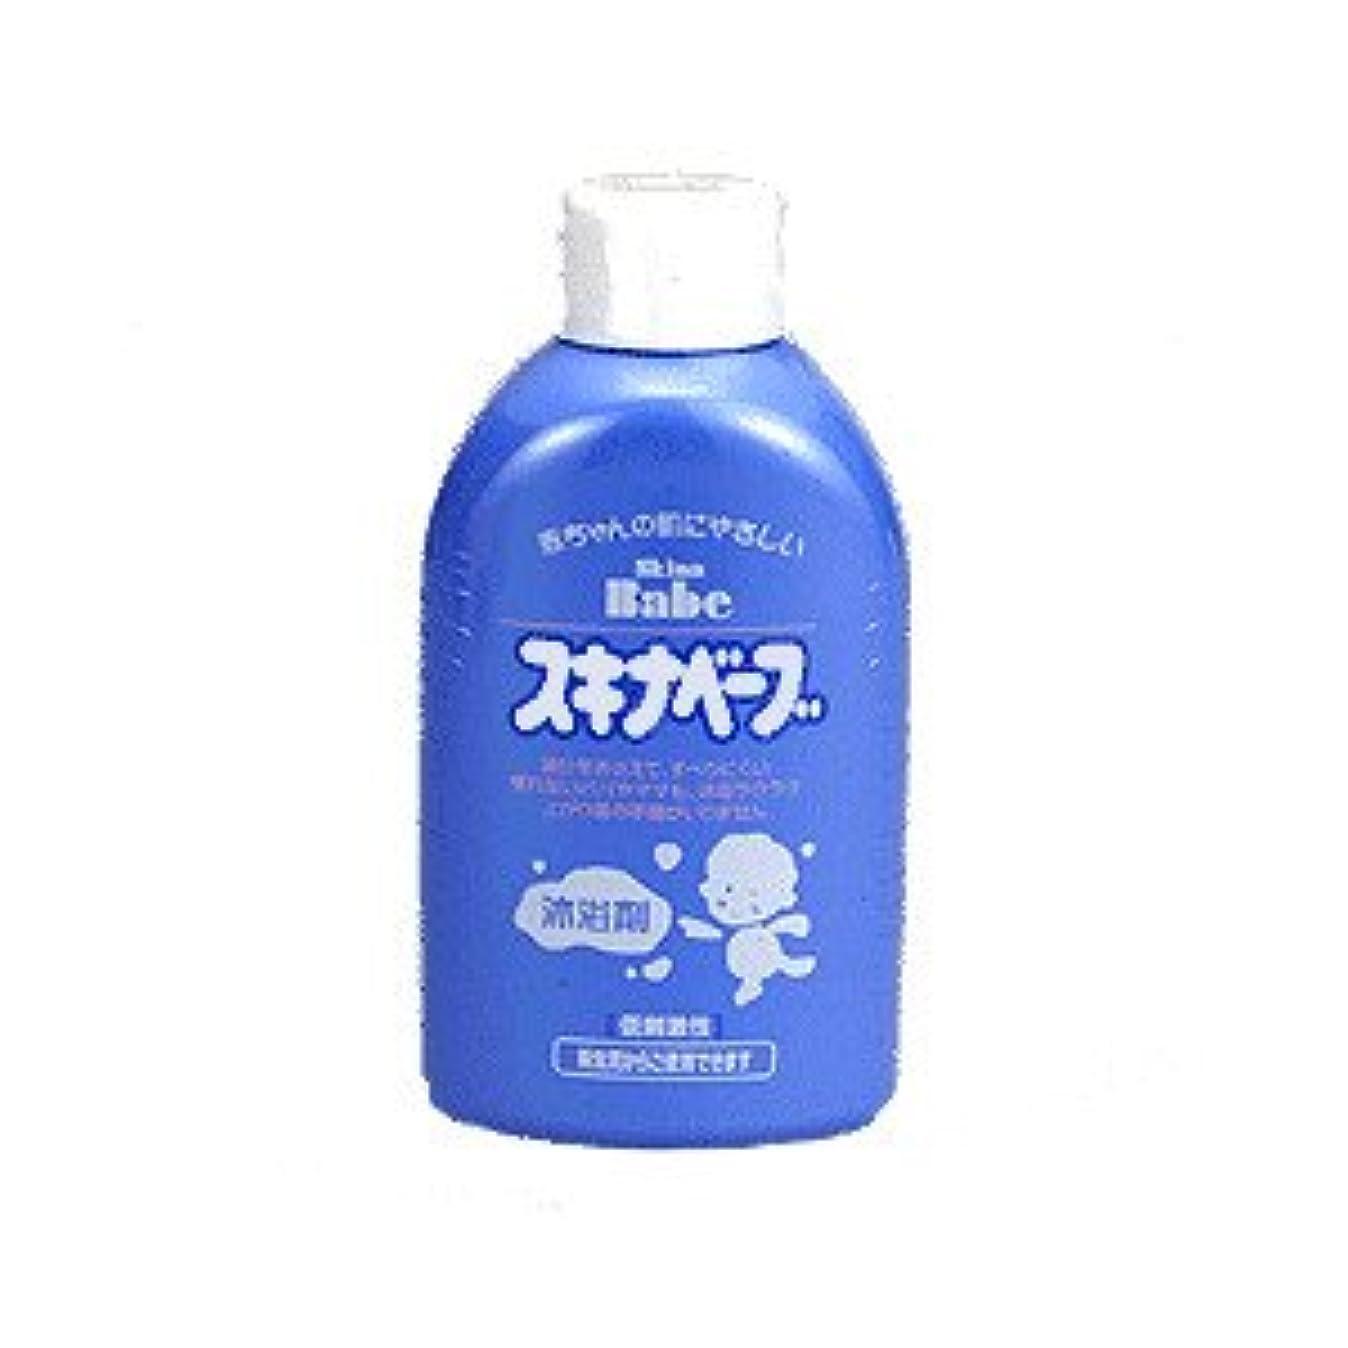 足装置文献(持田ヘルスケア)スキナベーブ 500ml(入浴剤)(医薬部外品)(お買い得3個セット)